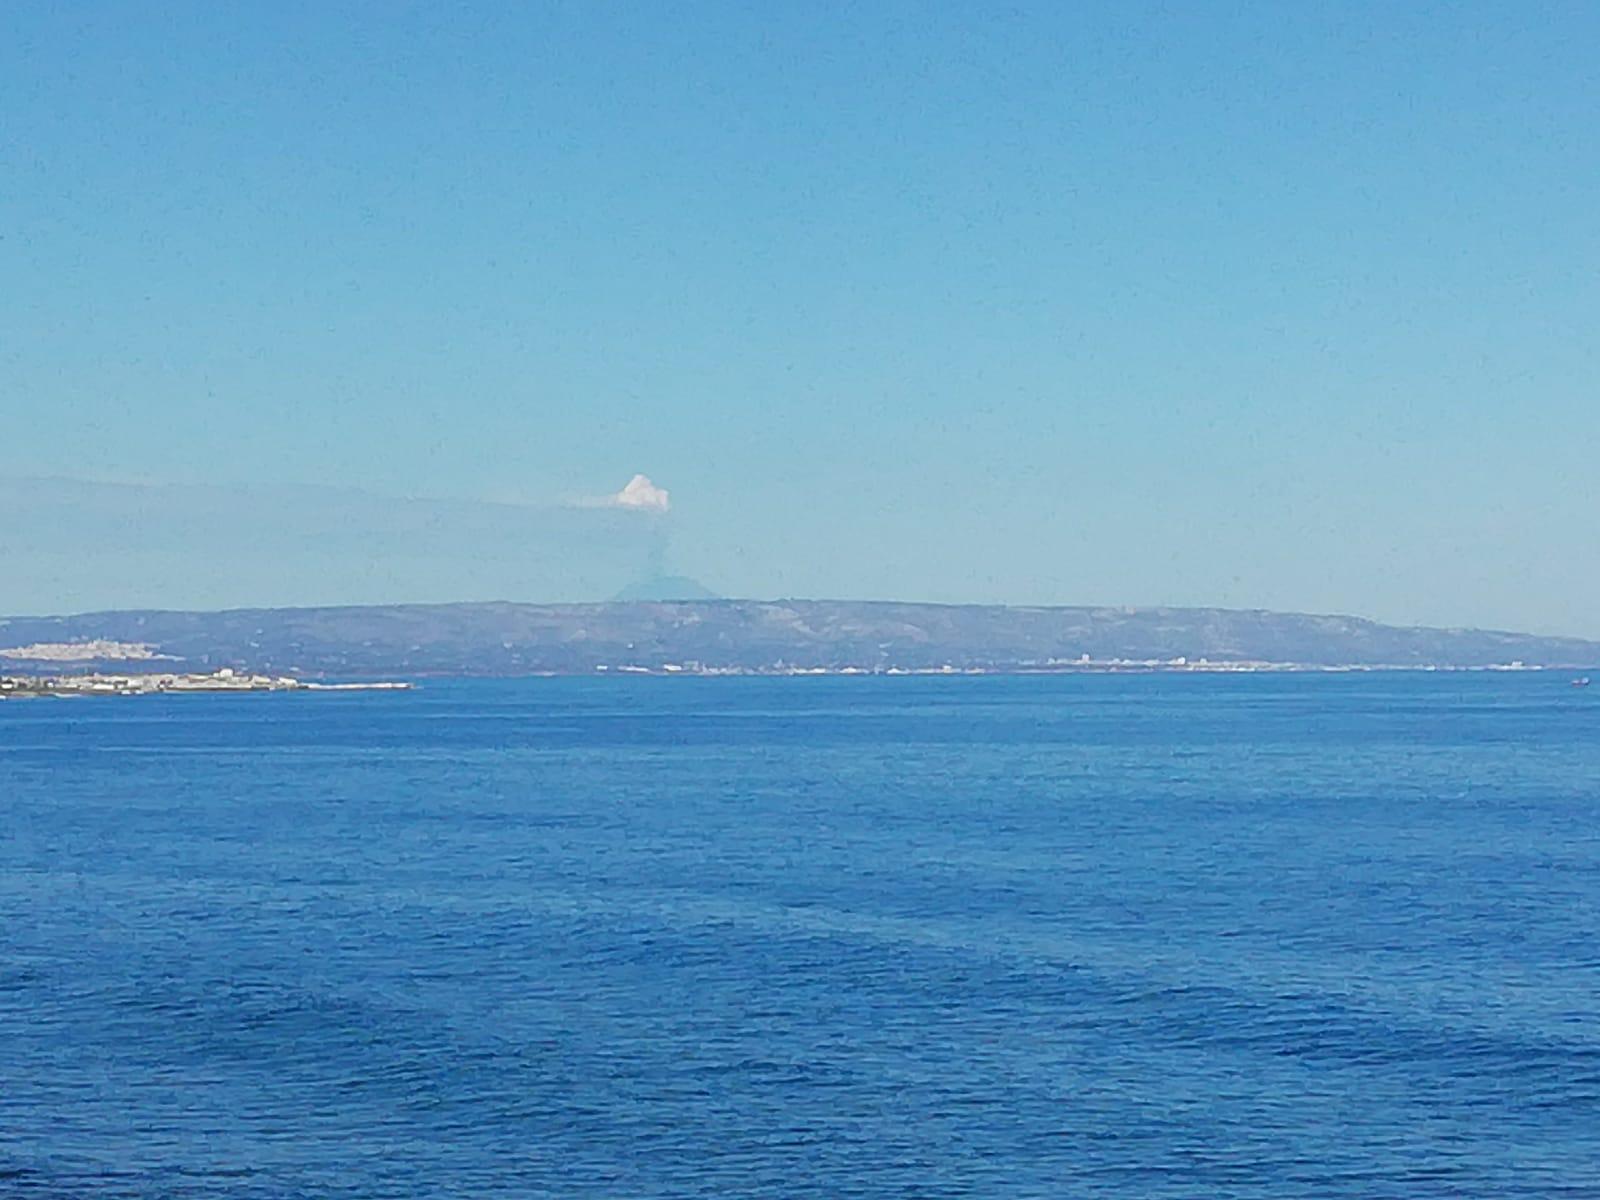 L'Etna in eruzione vista dai pescatori di Portopalo in navigazione